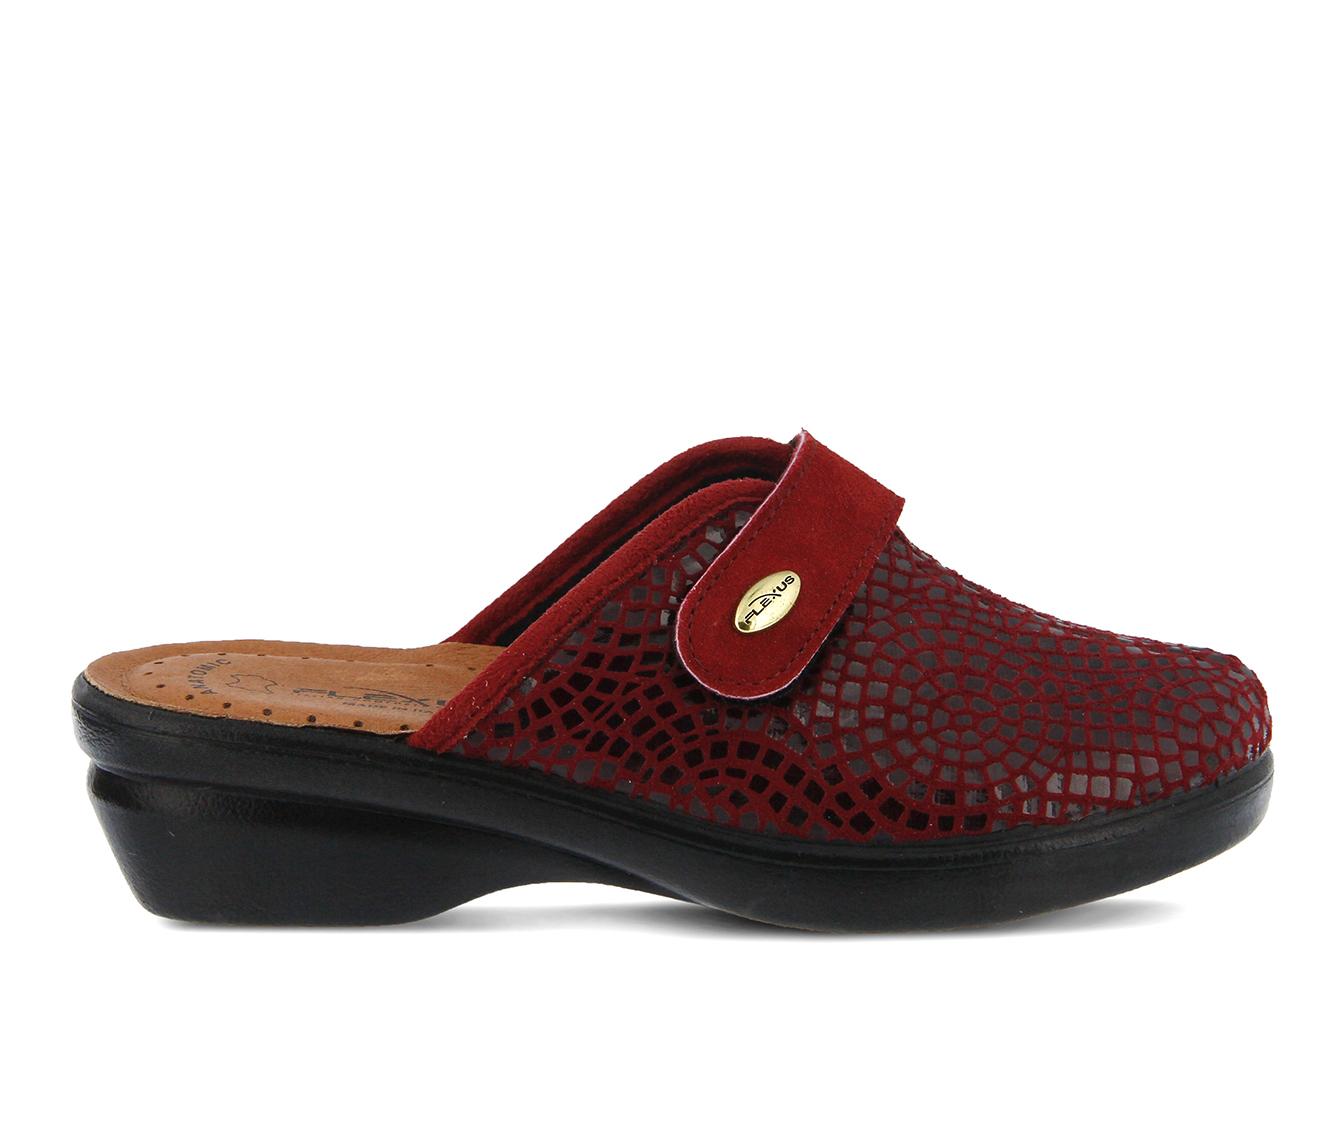 Flexus Merula Women's Shoe (Black Faux Leather)